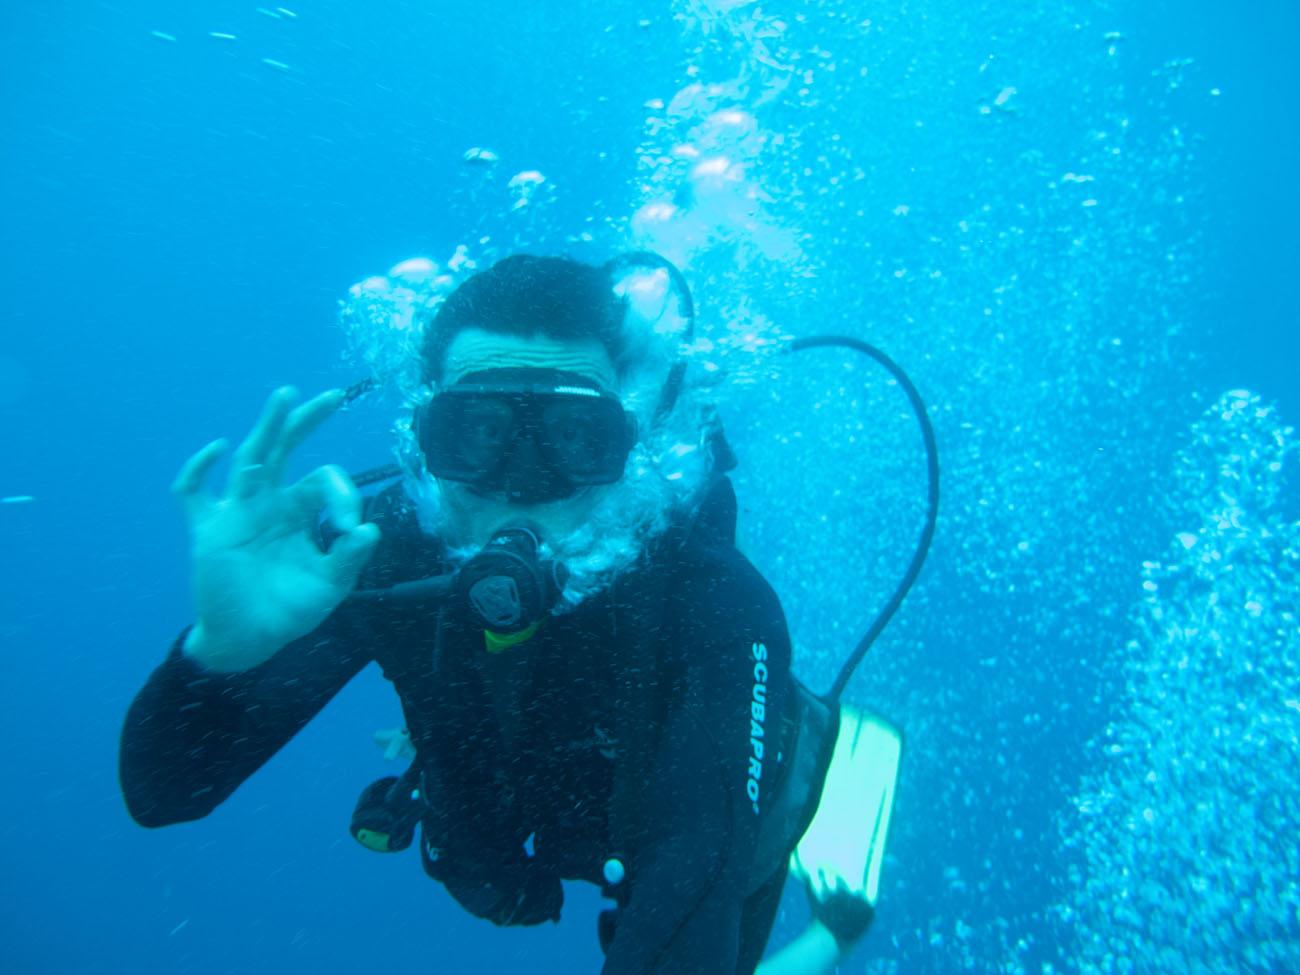 Diving okay signal